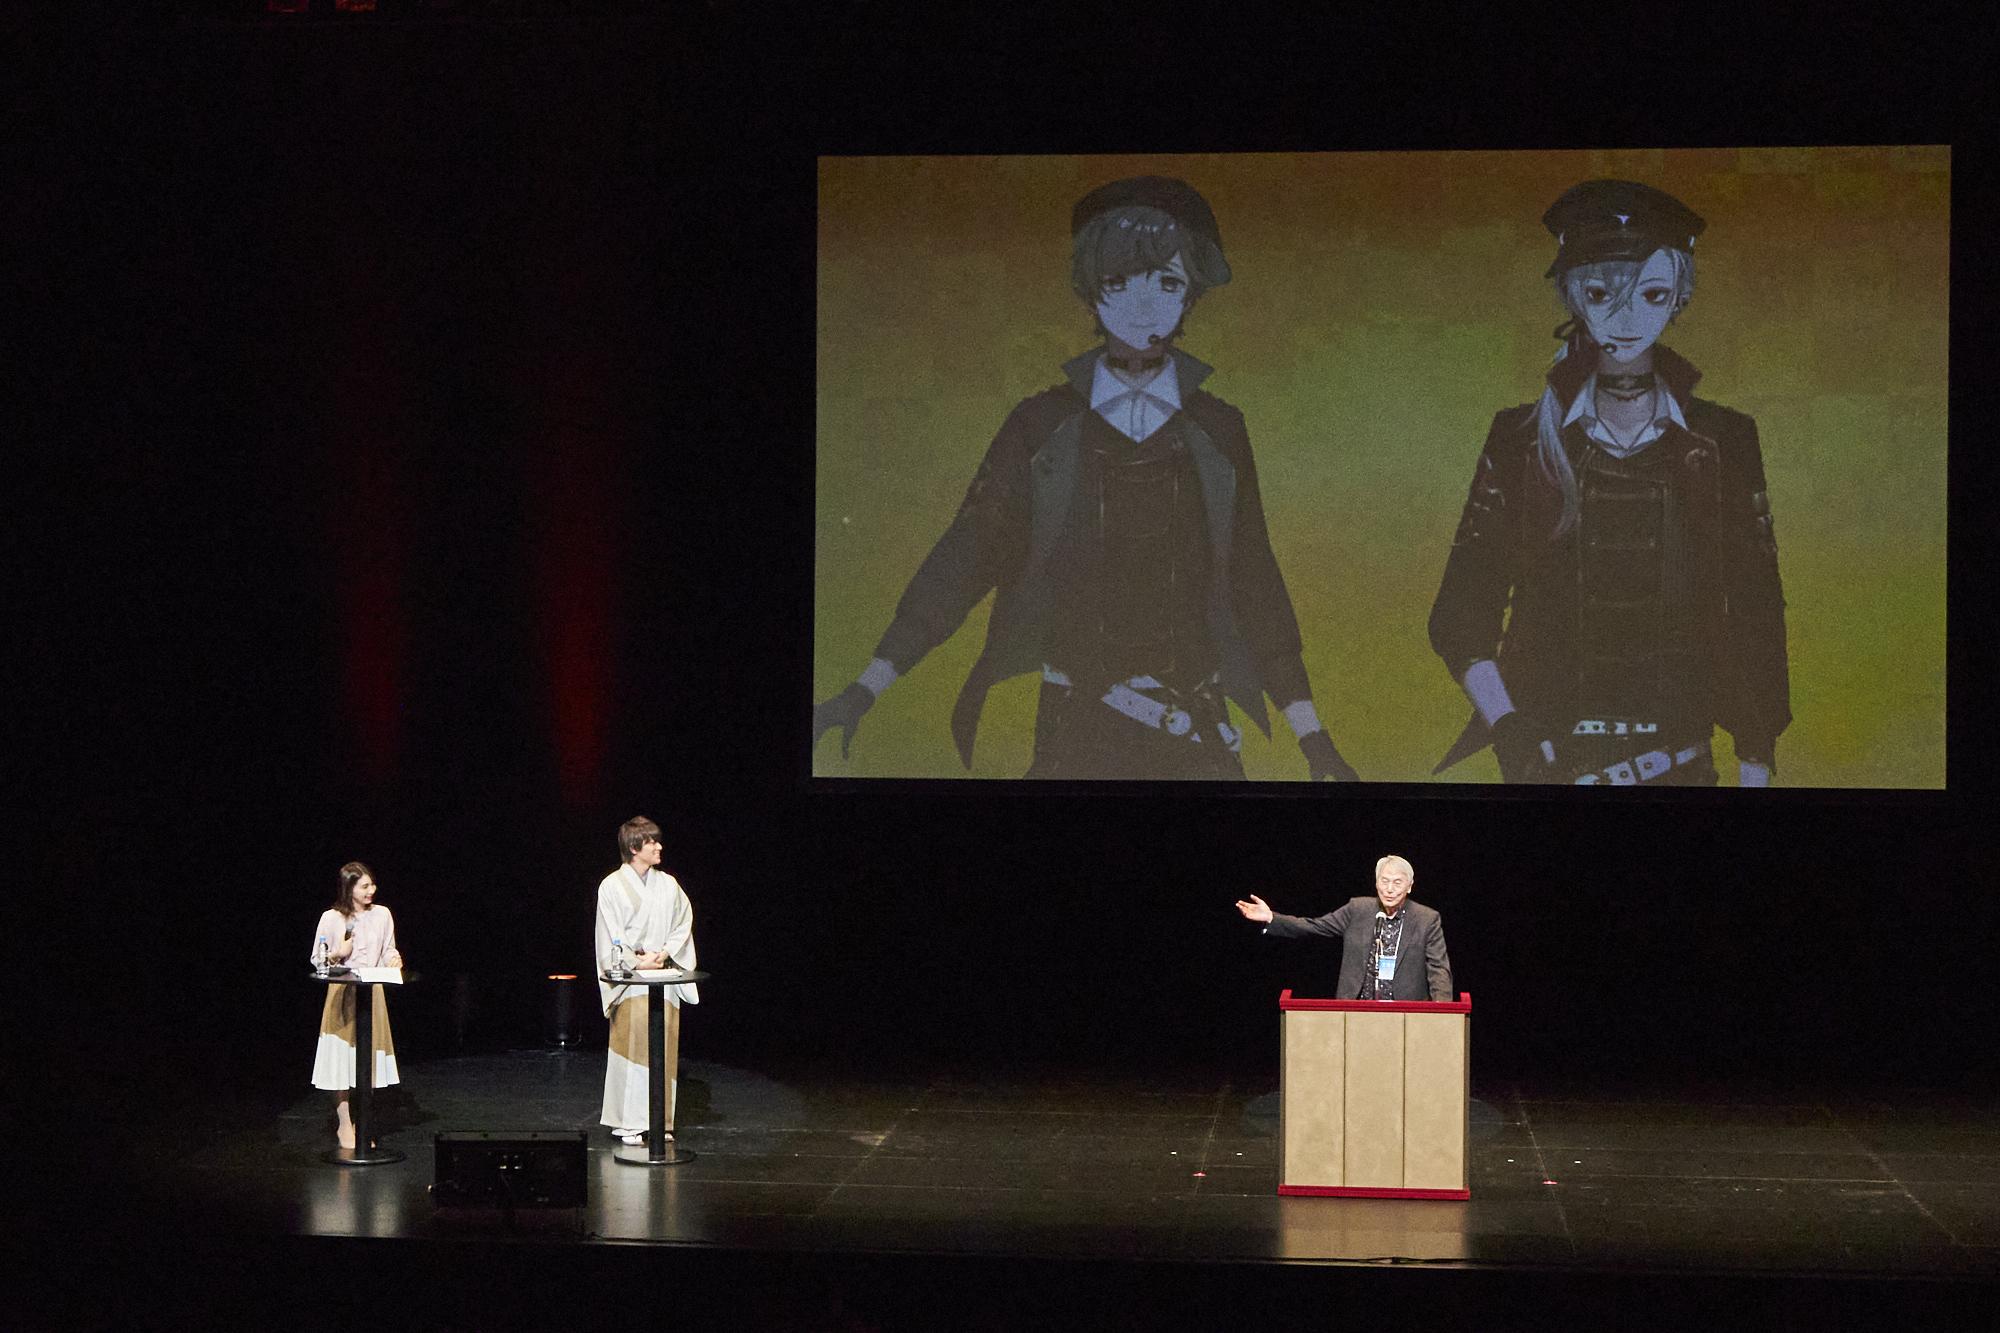 京都国際マンガ・アニメフェア(京まふ)2020